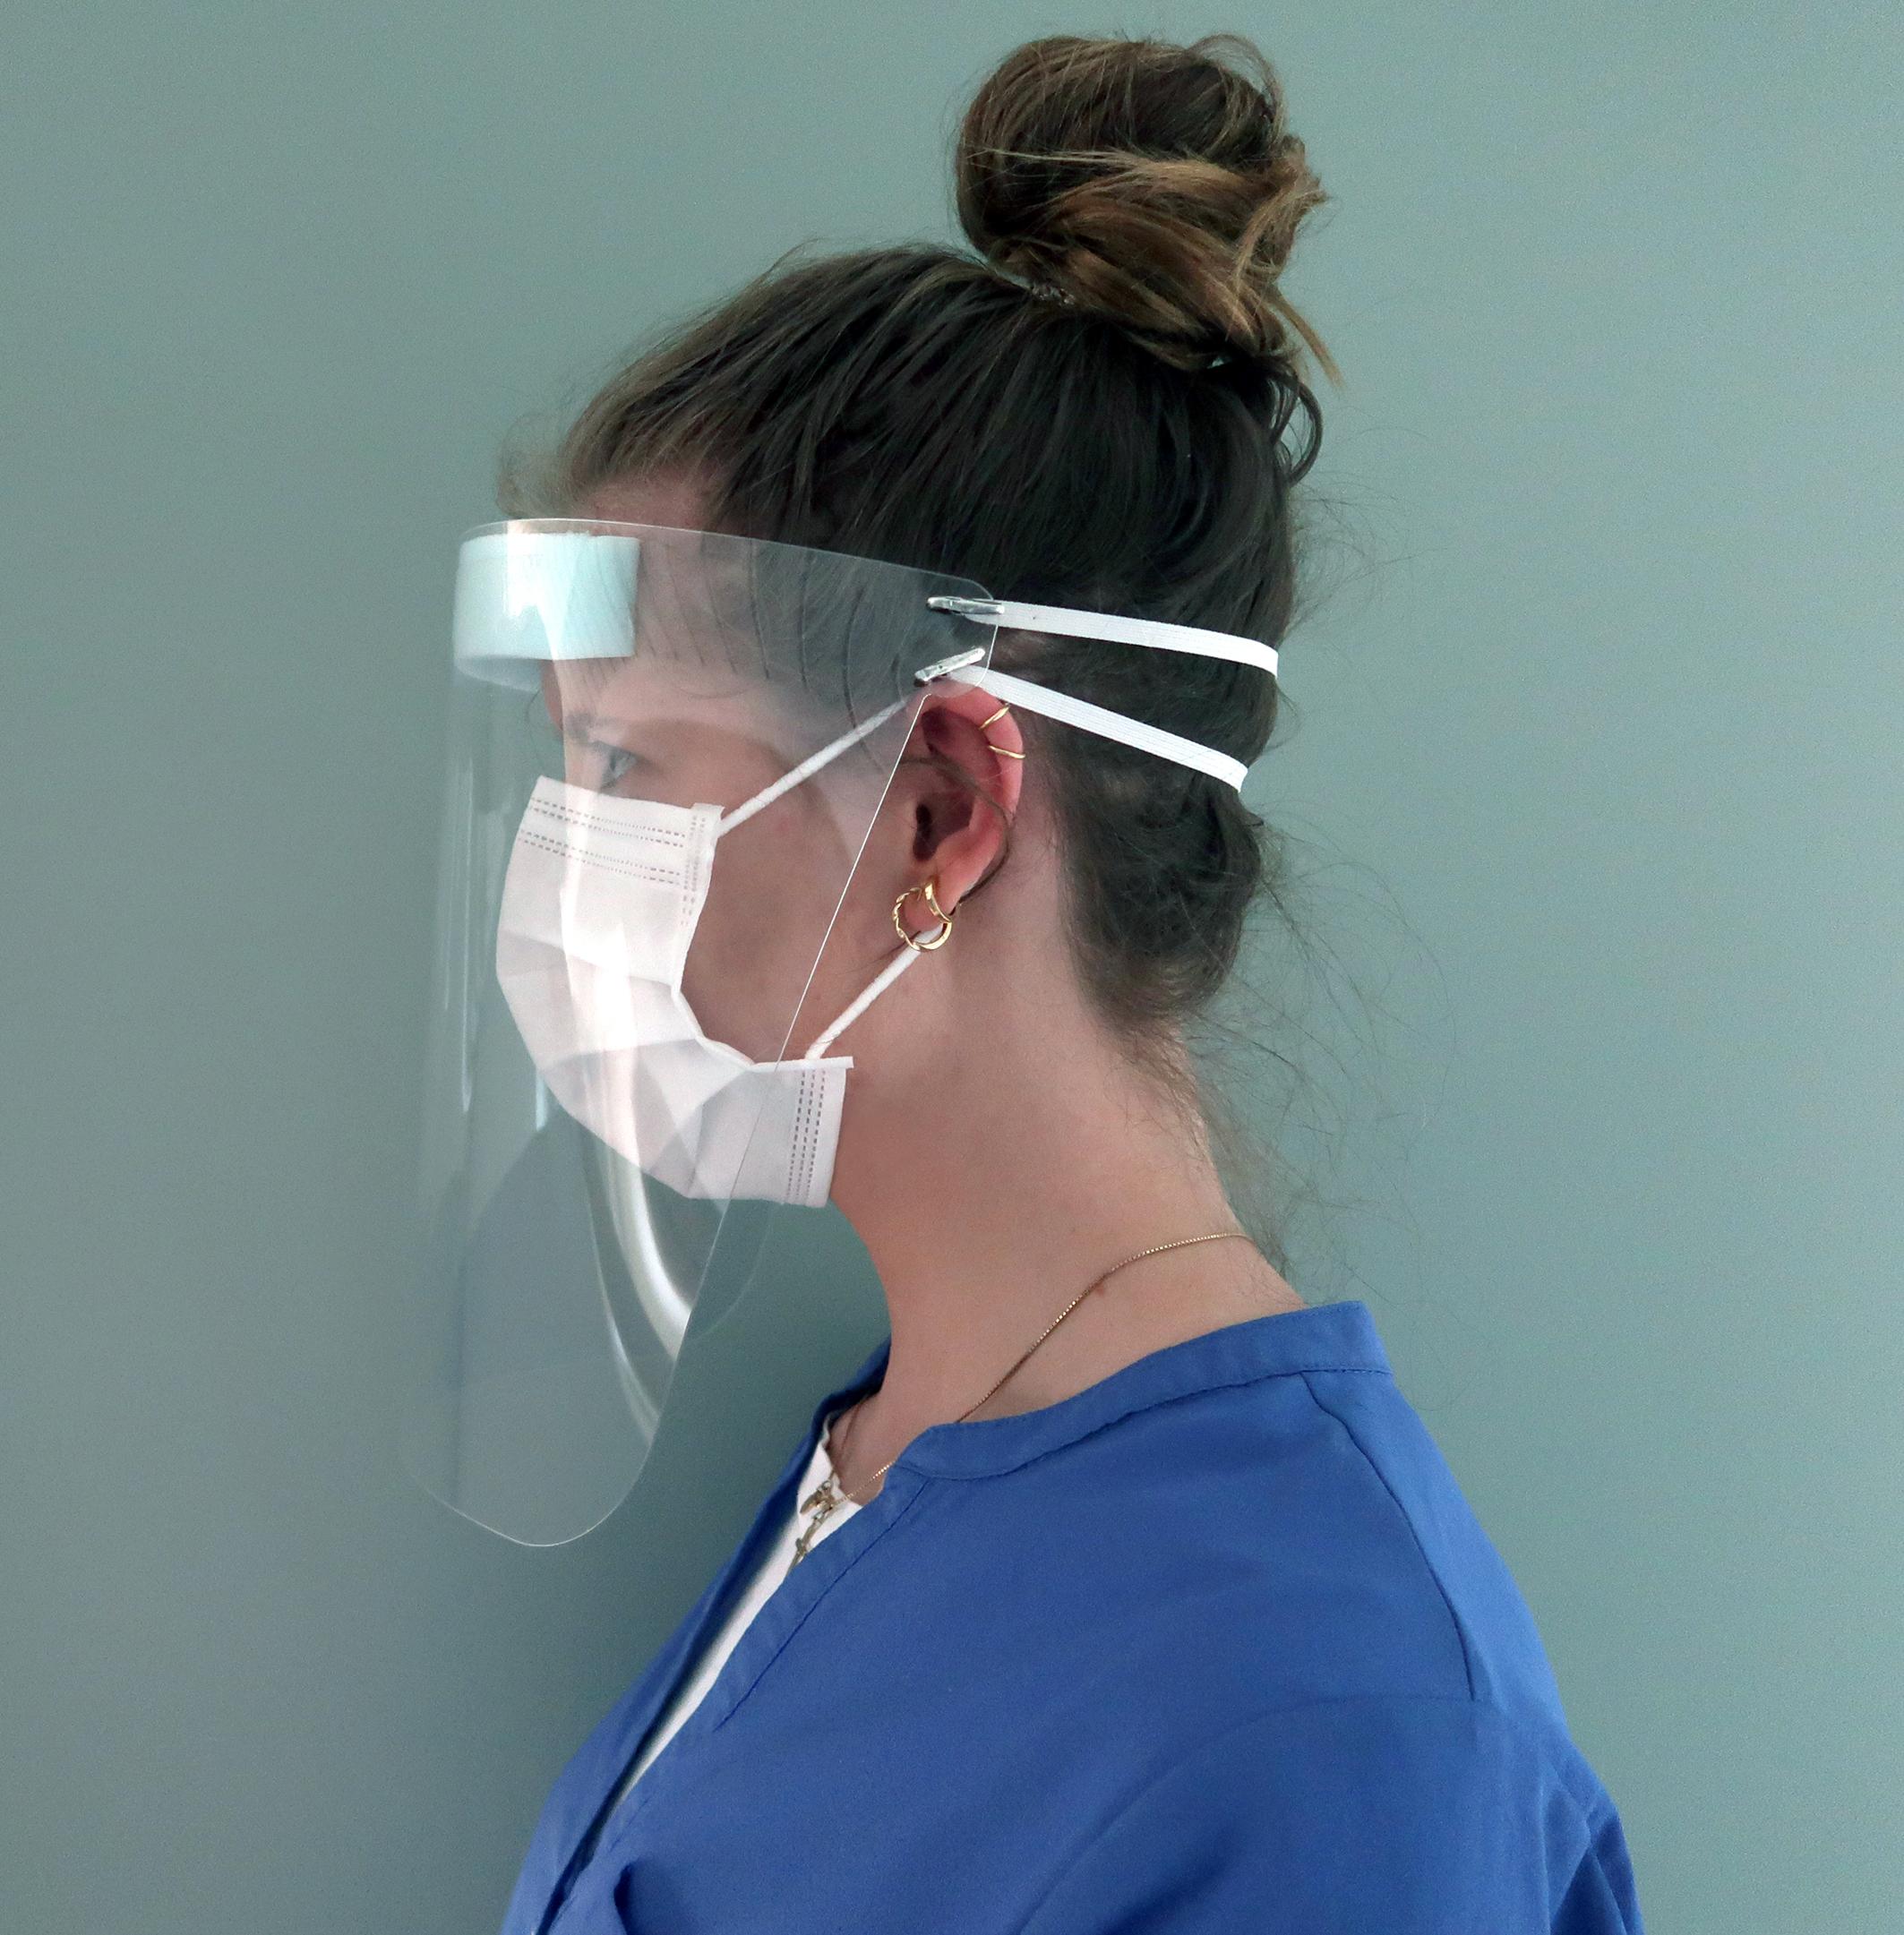 Tryggere arbeidsmiljø med smittevern-utstyr